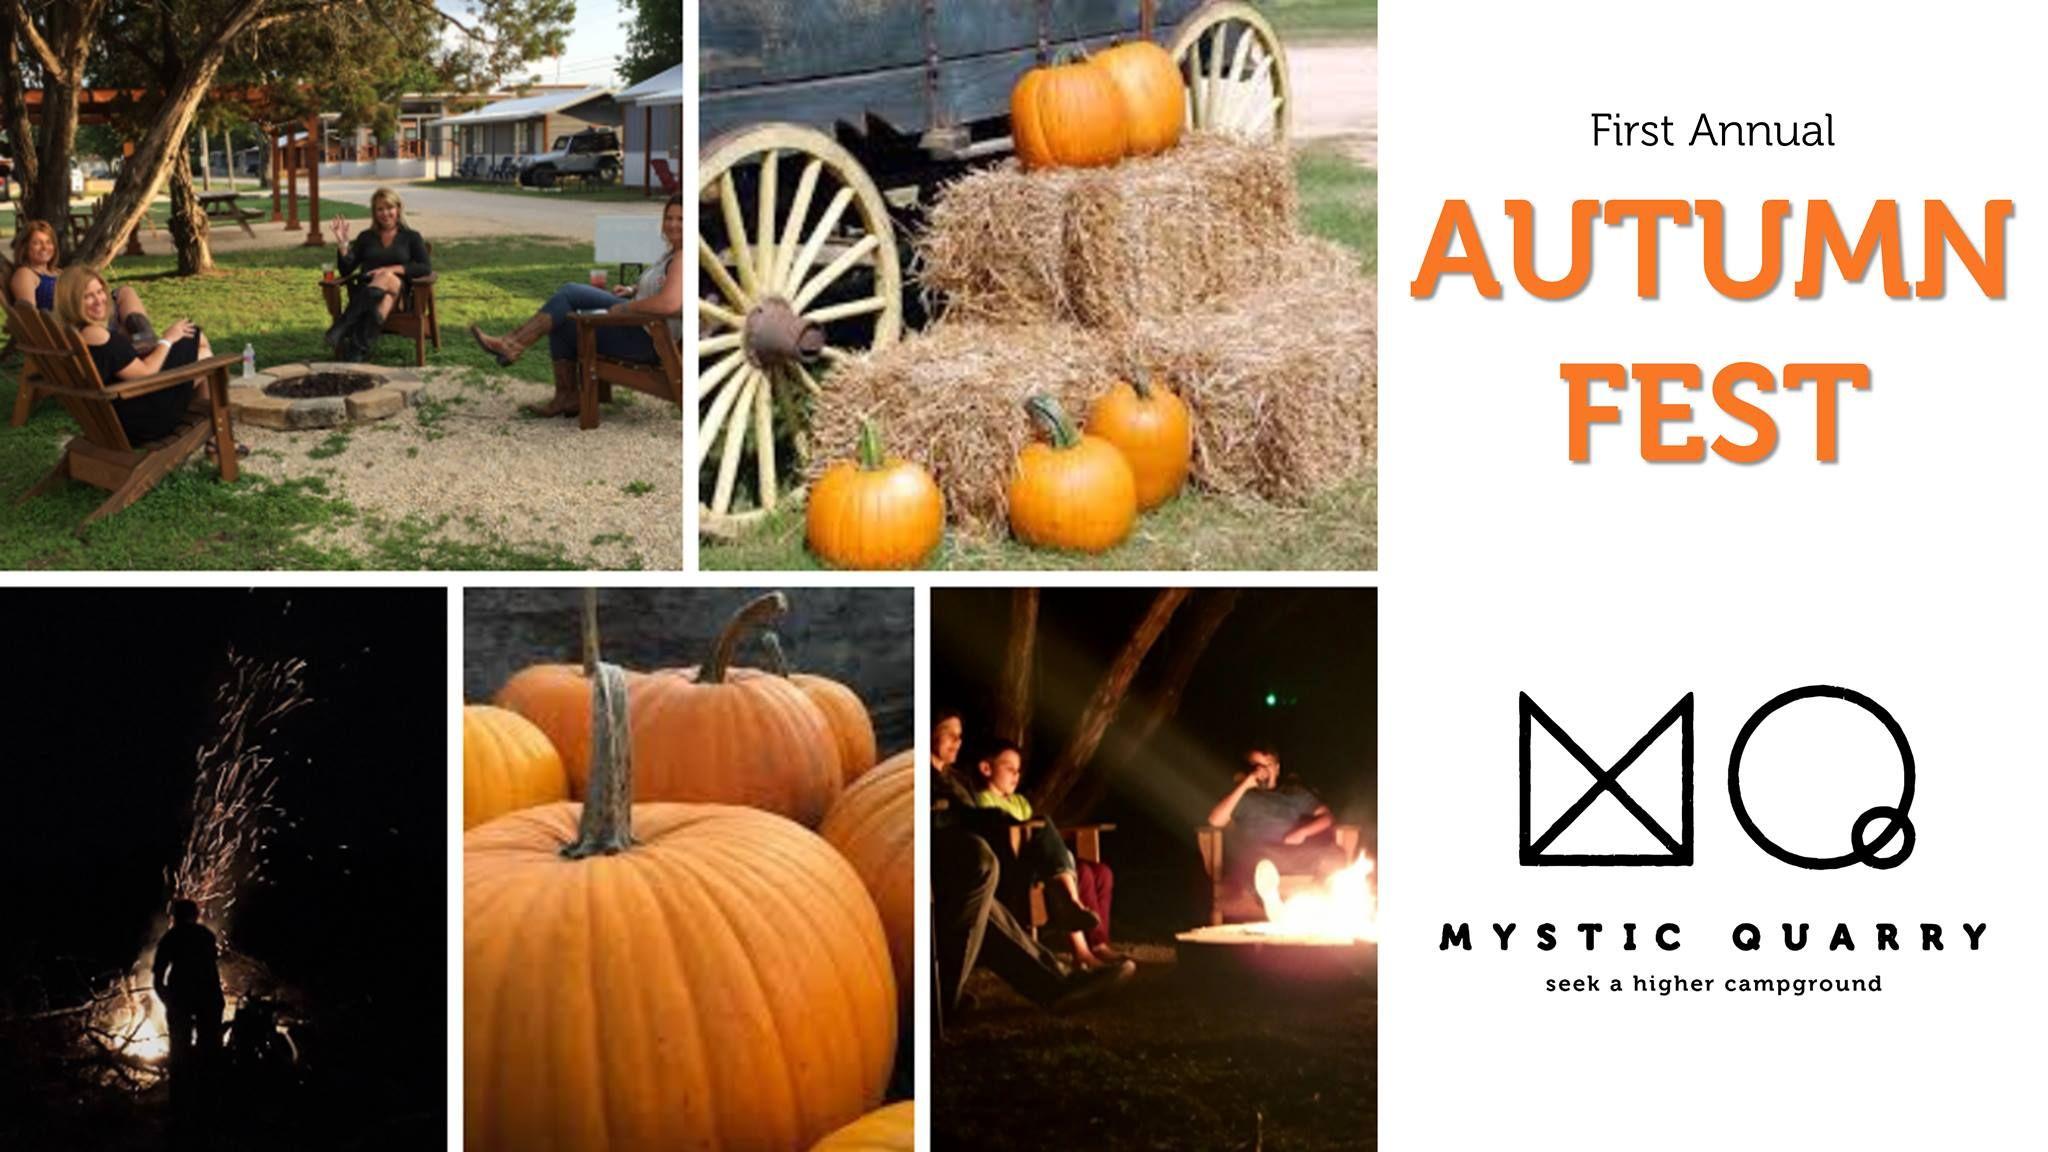 Mystic Quarry Autumn Fest